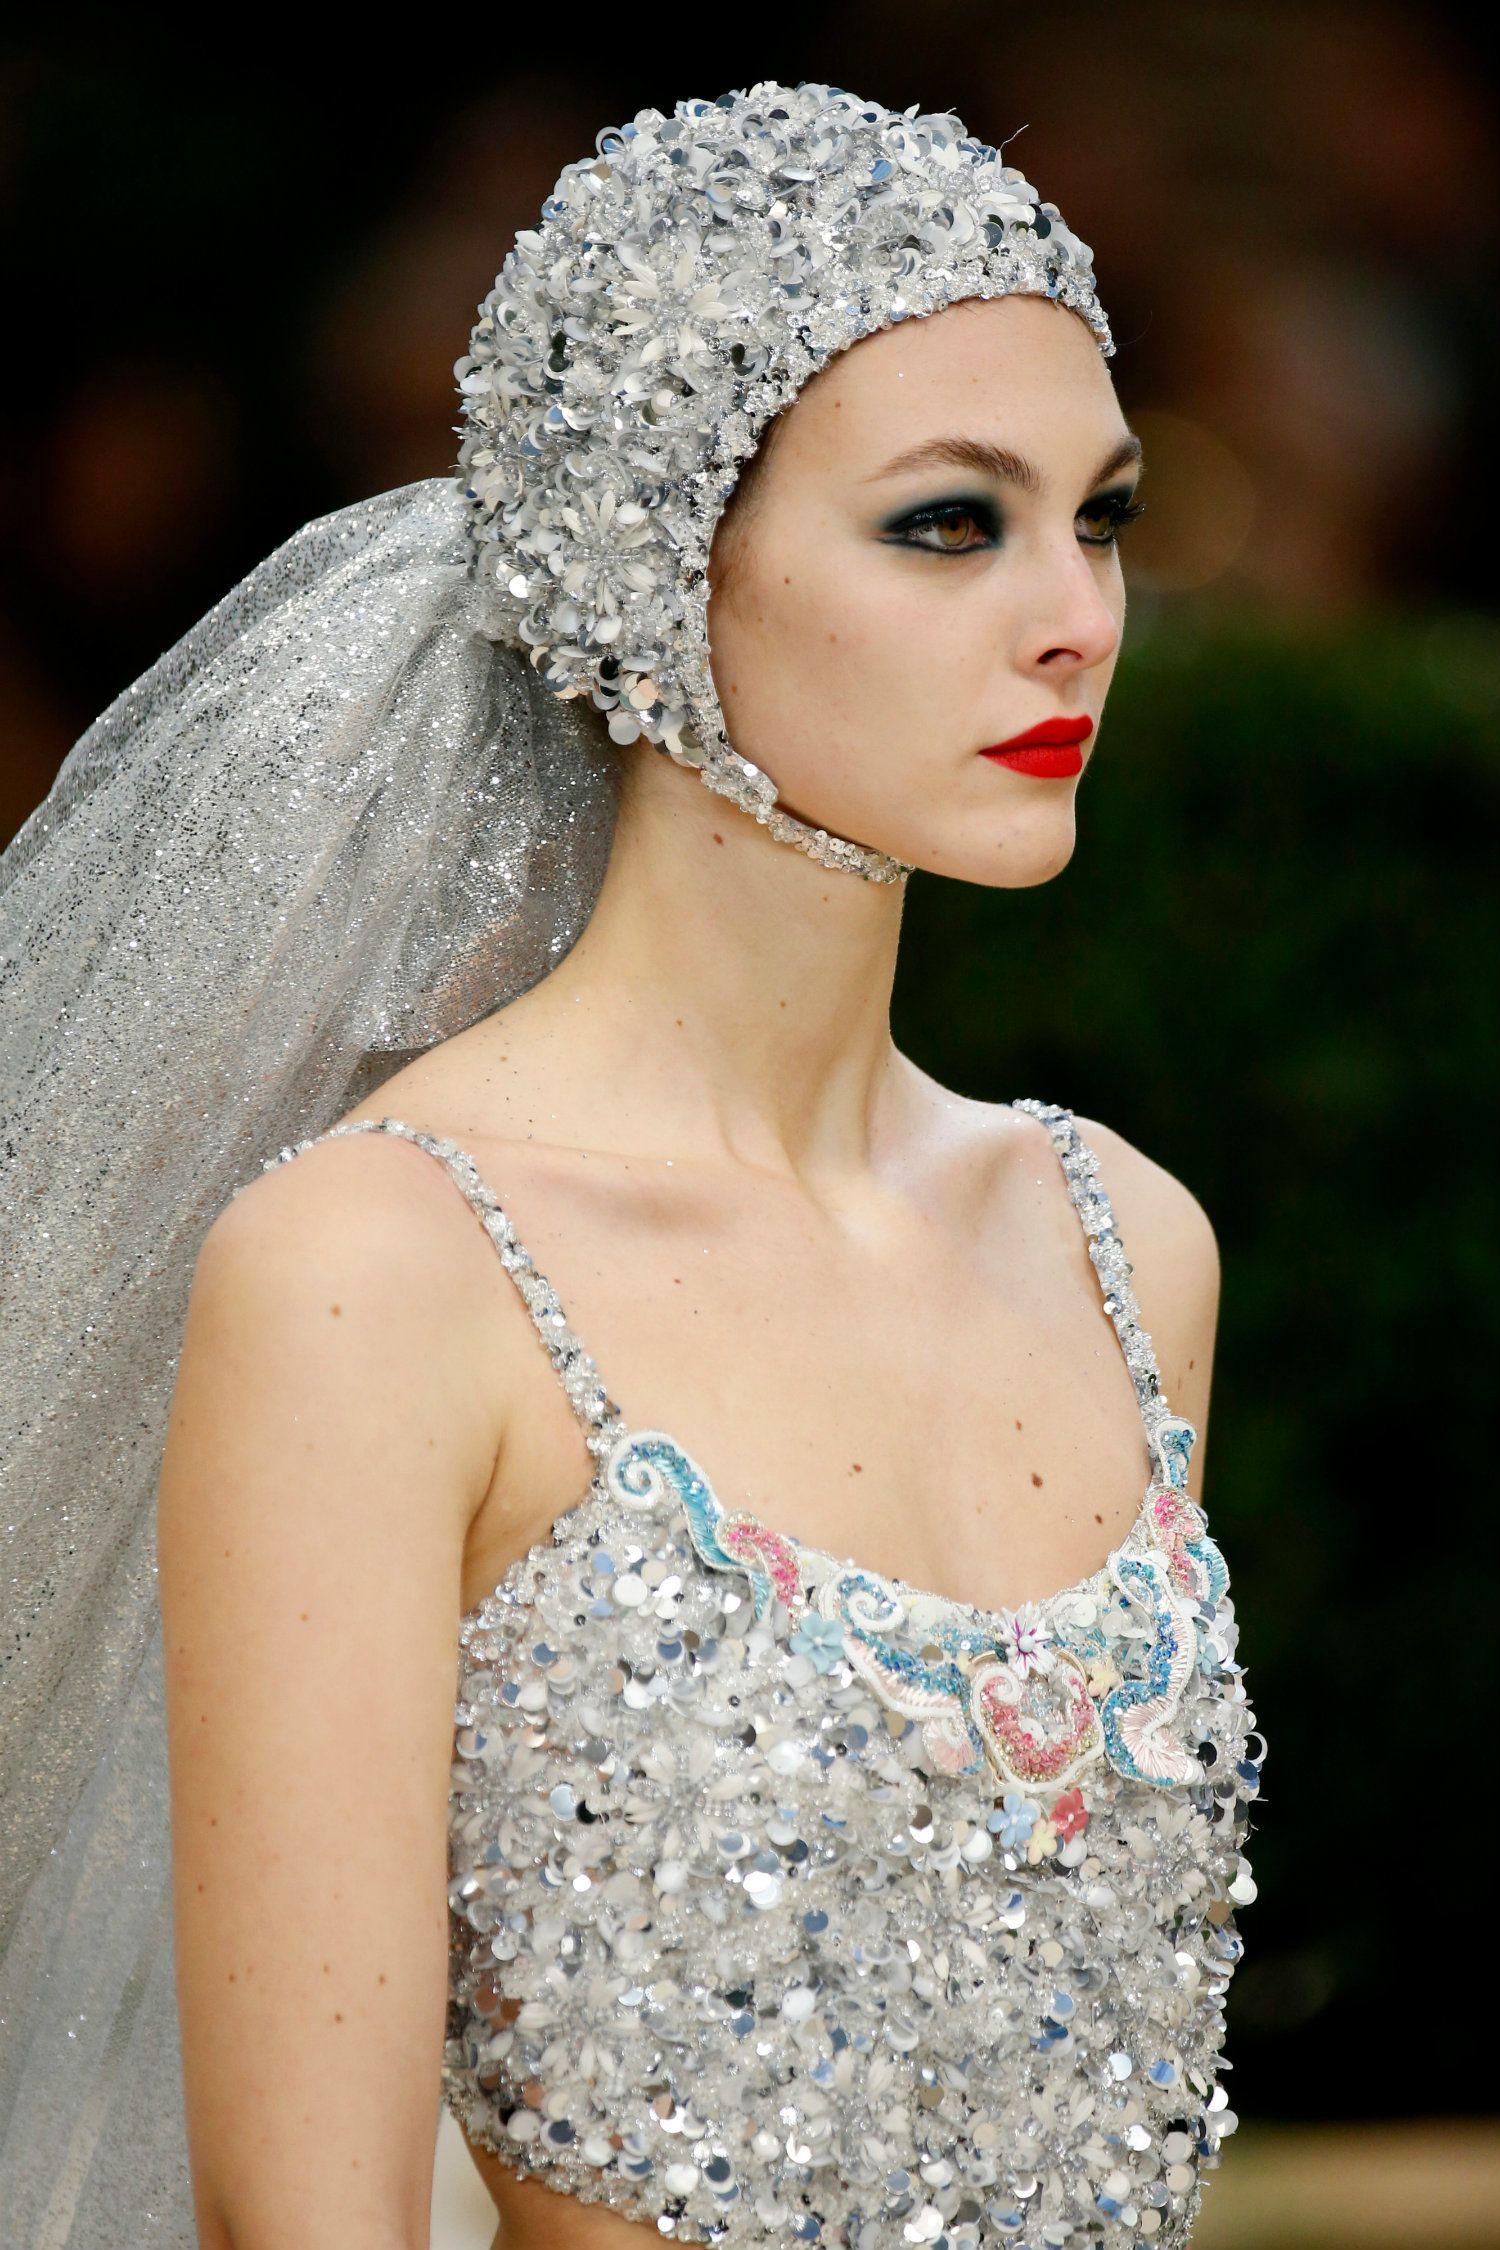 modelo con gorra de cristales y velo plateado en el desfile de Chanel